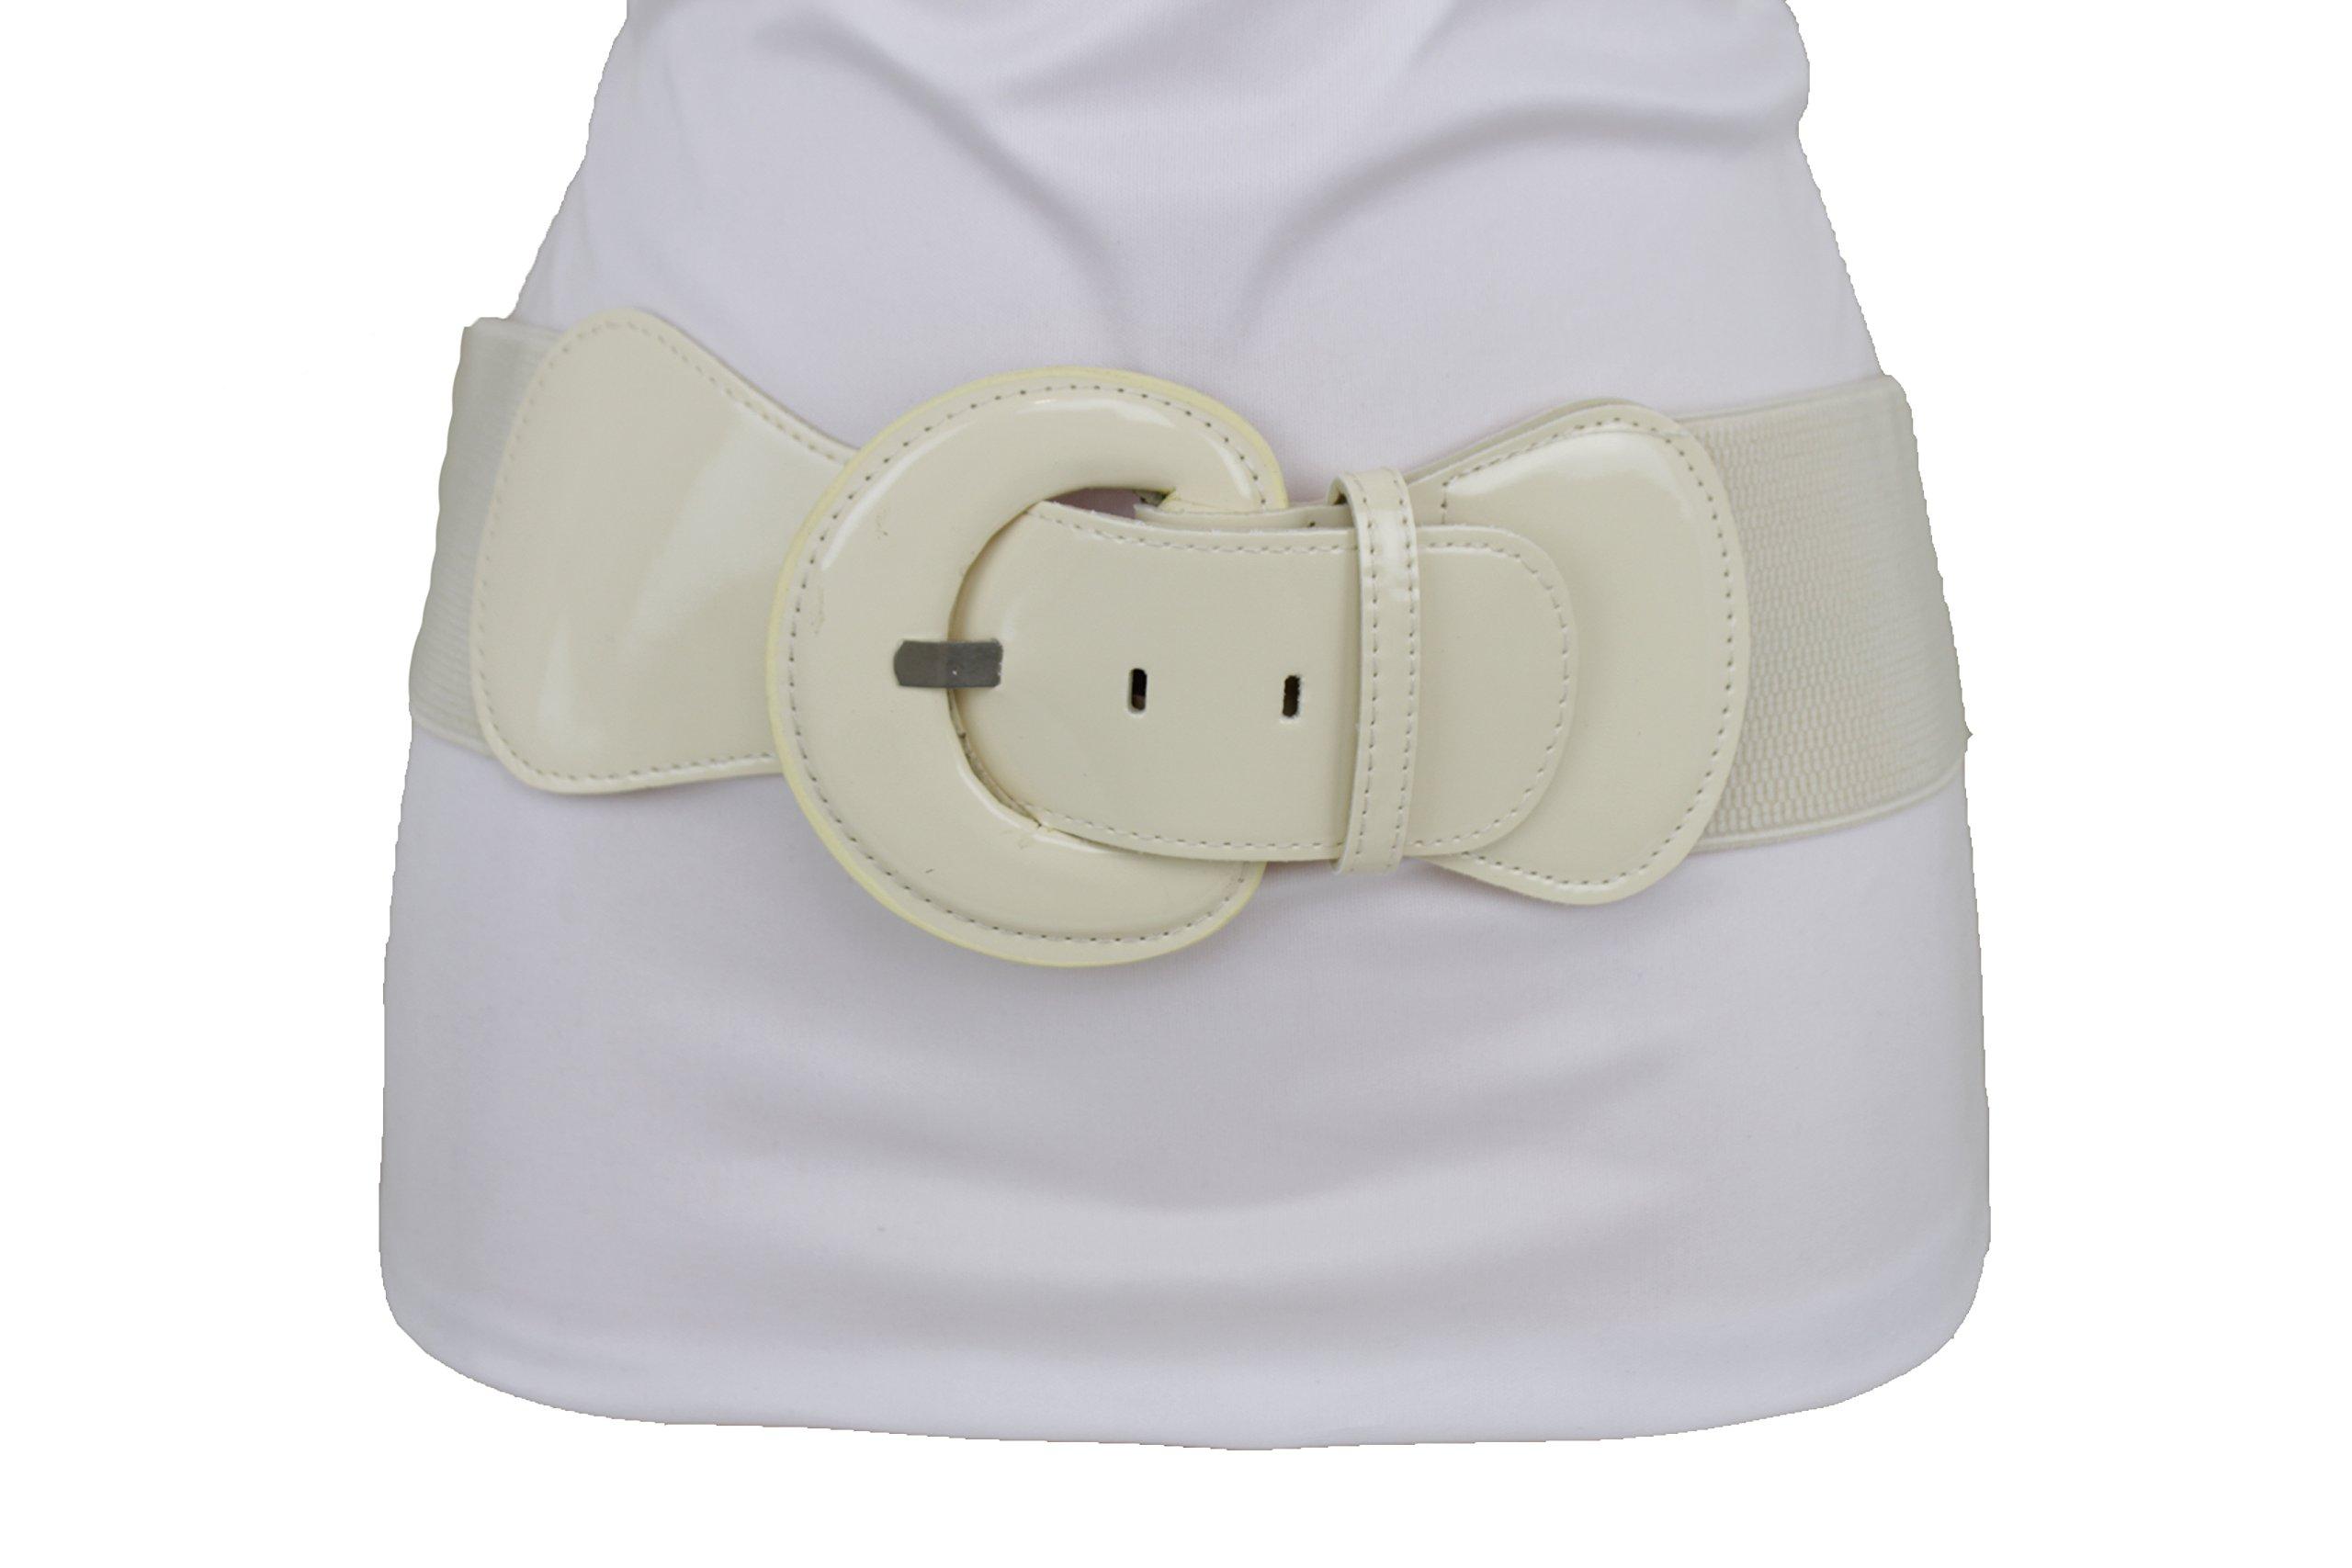 TFJ Women Fashion Wide Elastic Belt High Waist Hip Cream Color Plus Size M L XL